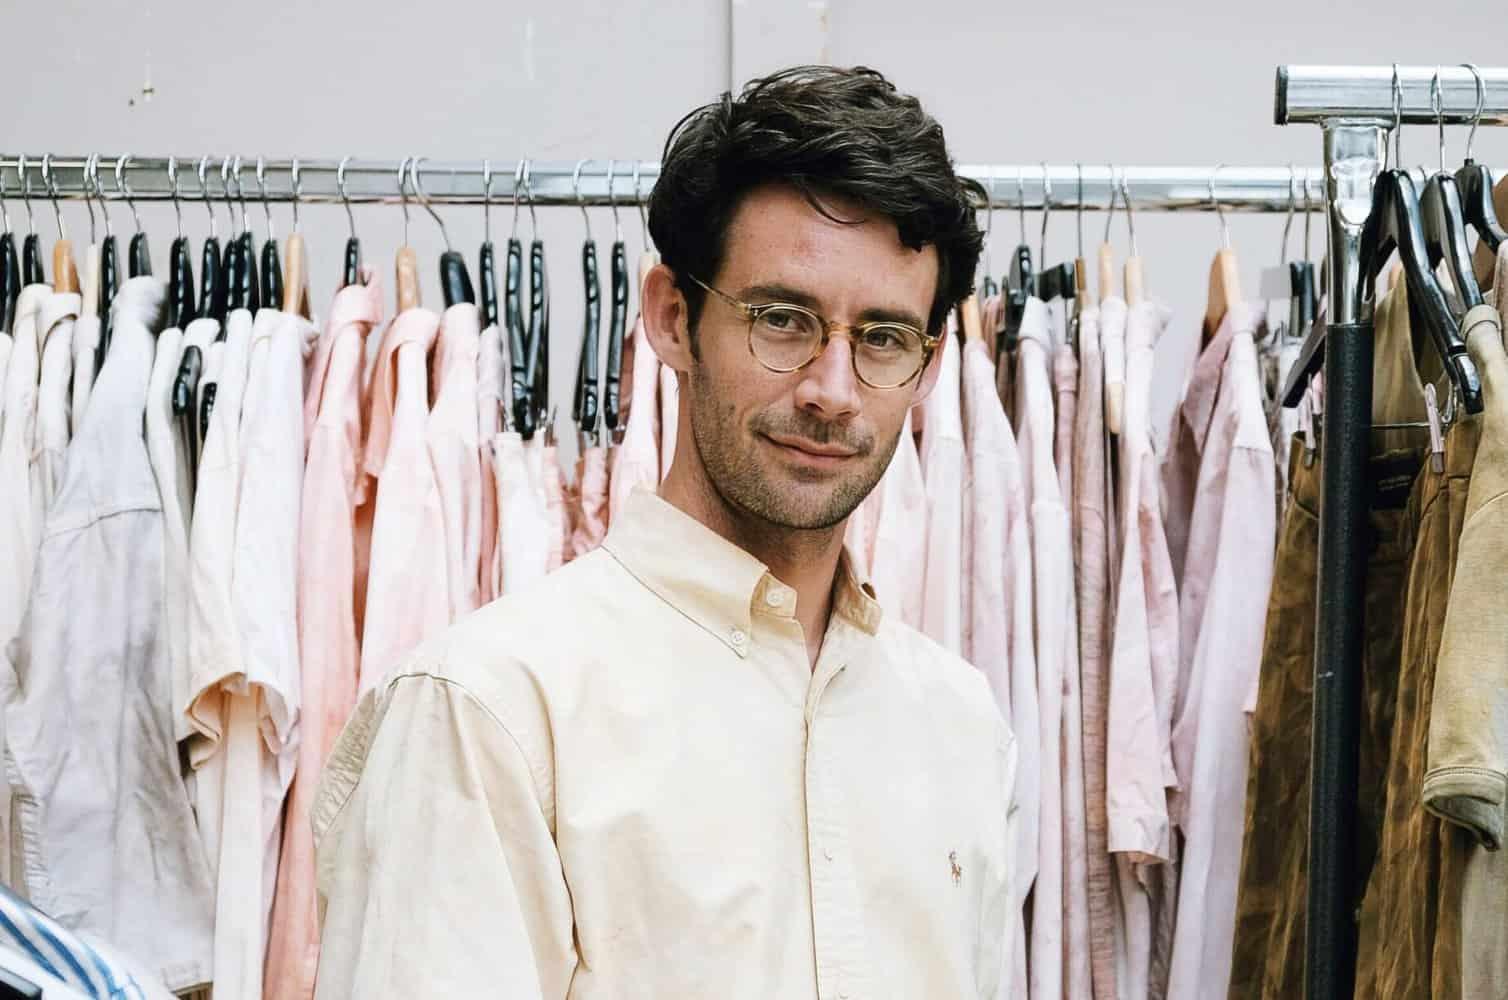 Designerkleding tweedehands